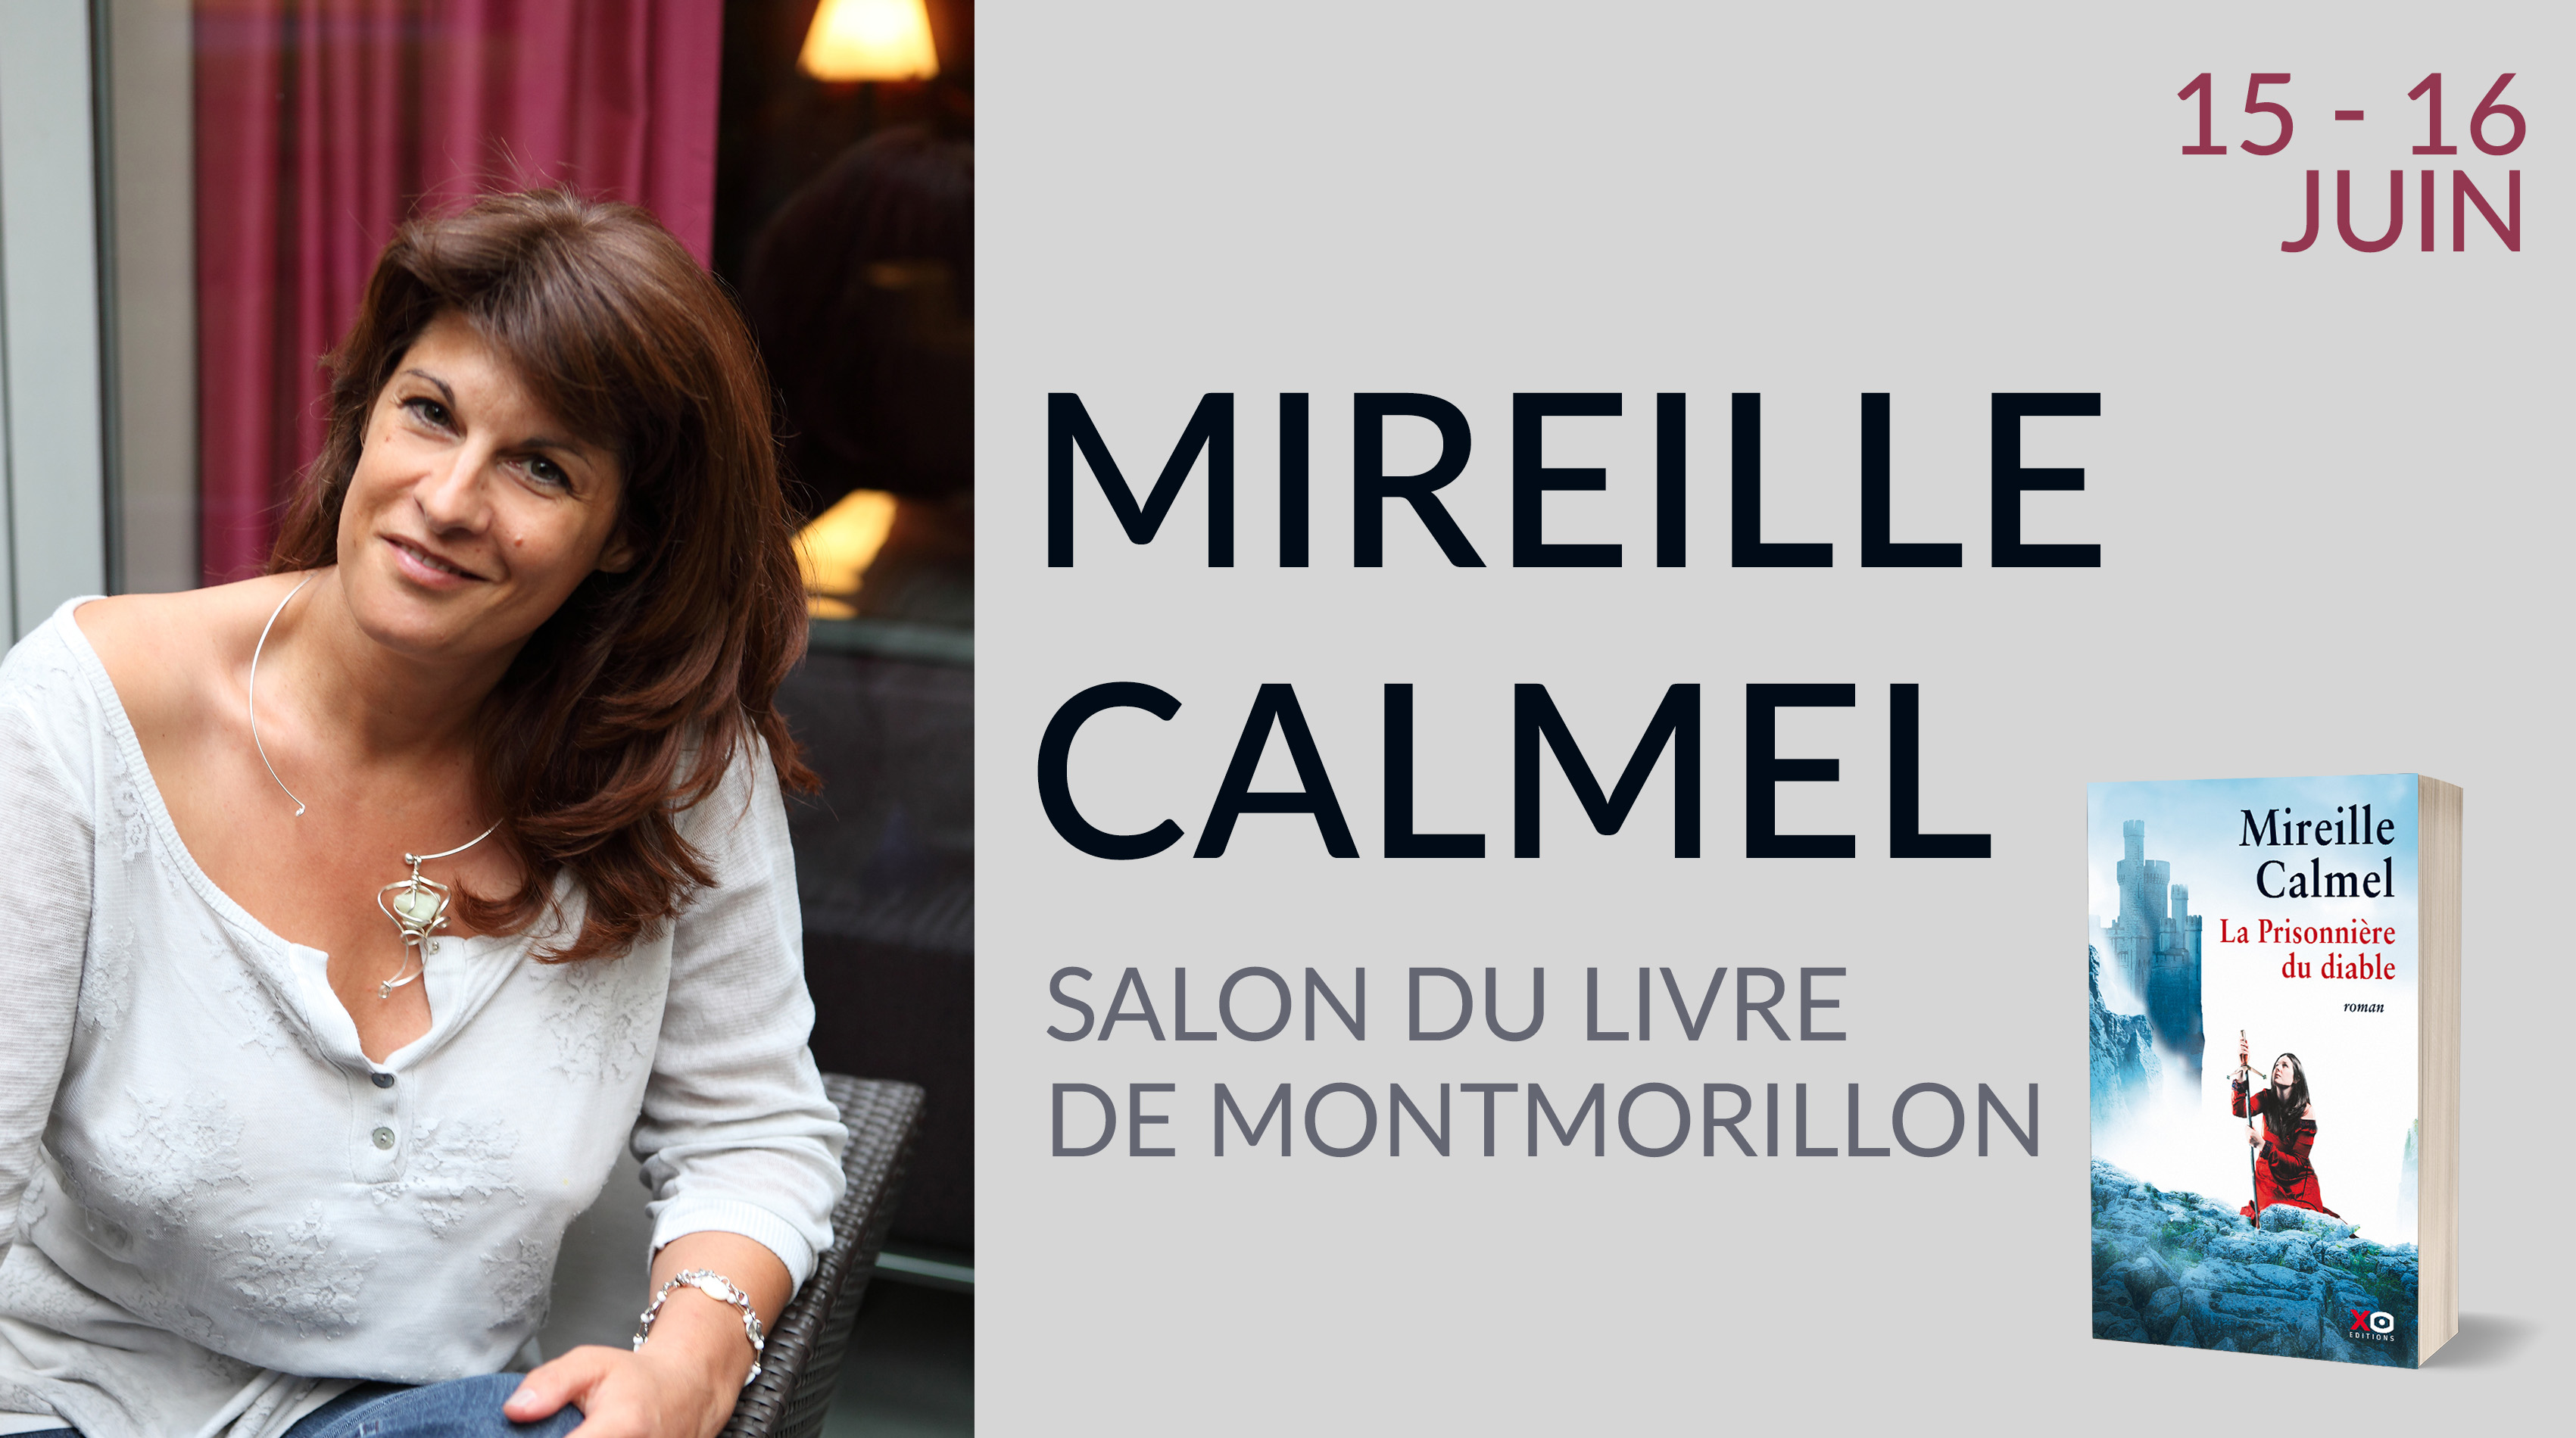 MIREILLE CALMEL À MONTMORILLON